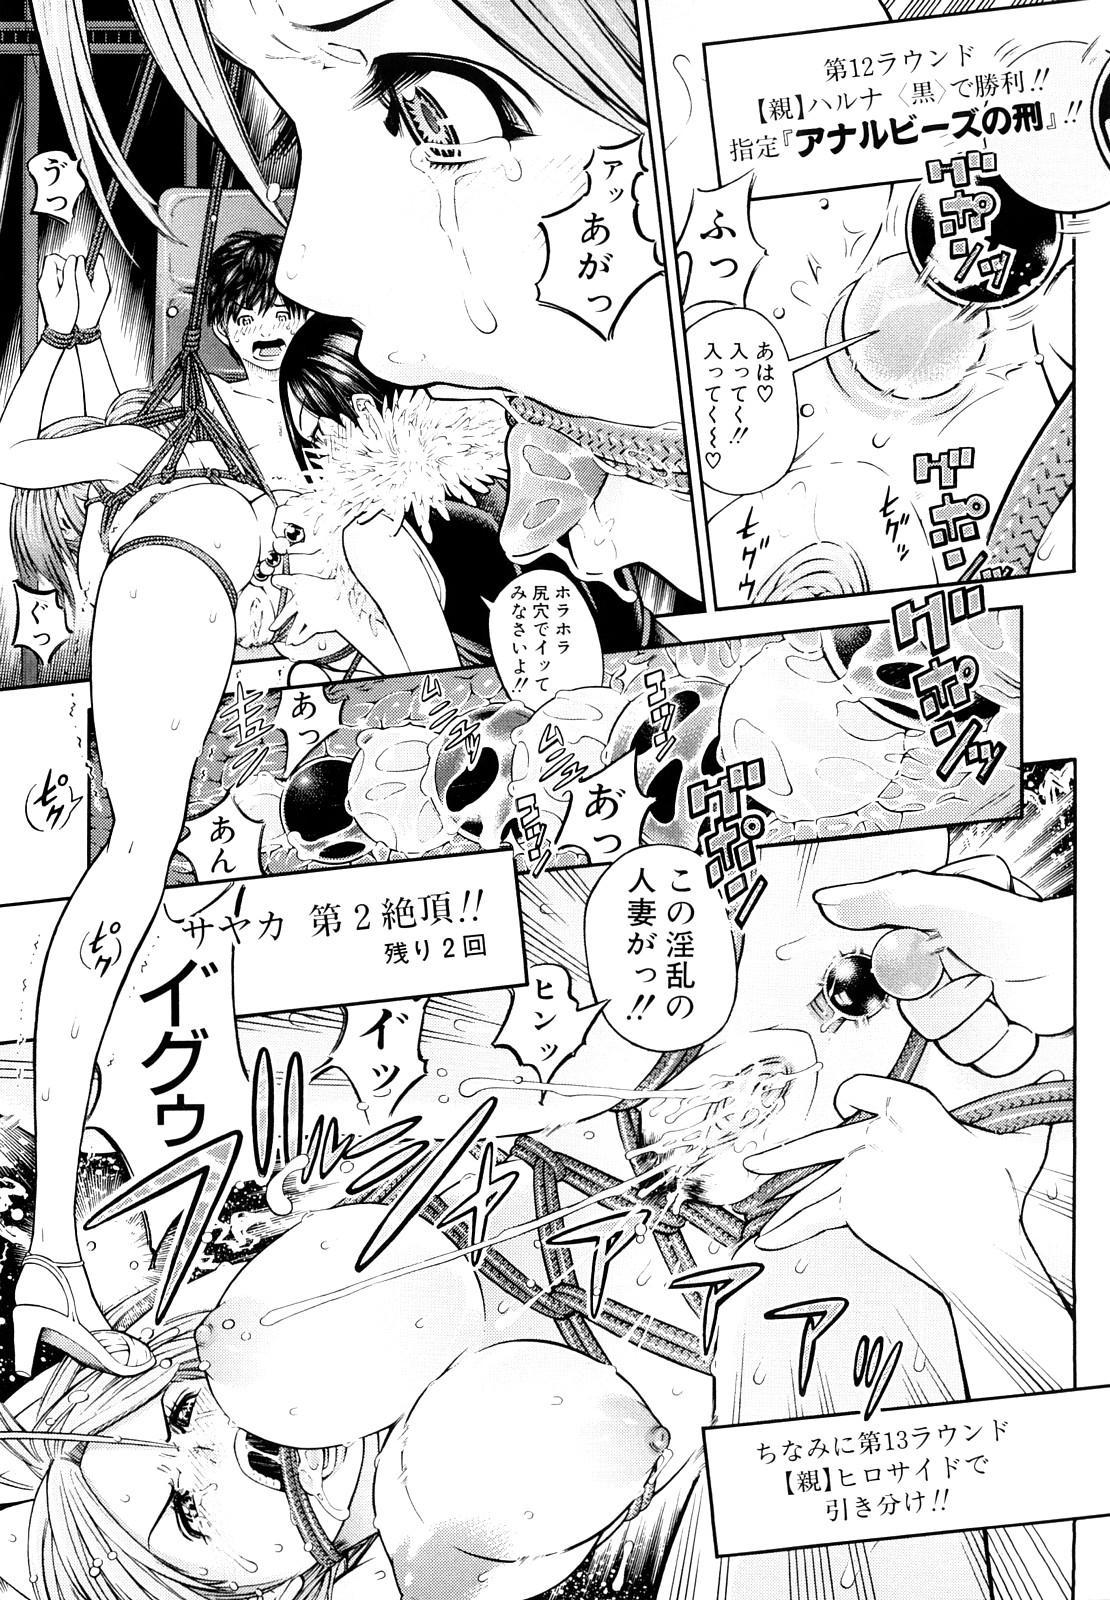 Chijyotachi no Kirifuda 59